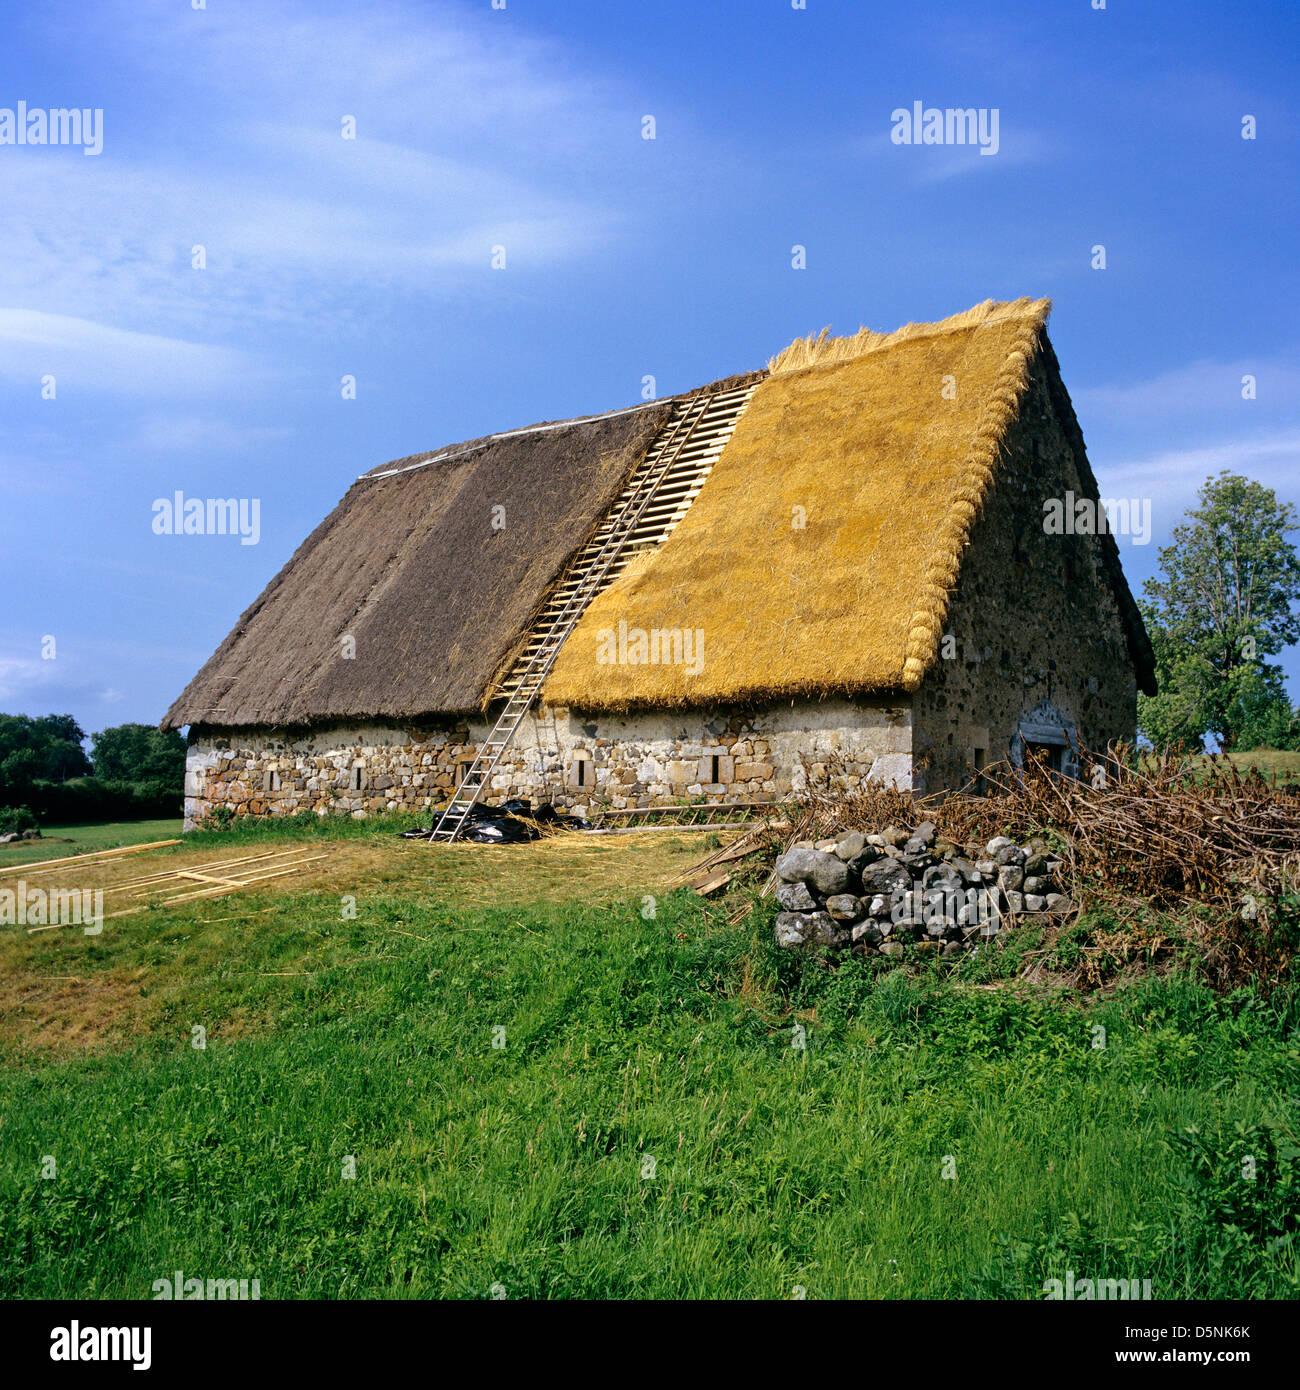 Restauro di un tetto di paglia su un vecchio fienile Immagini Stock